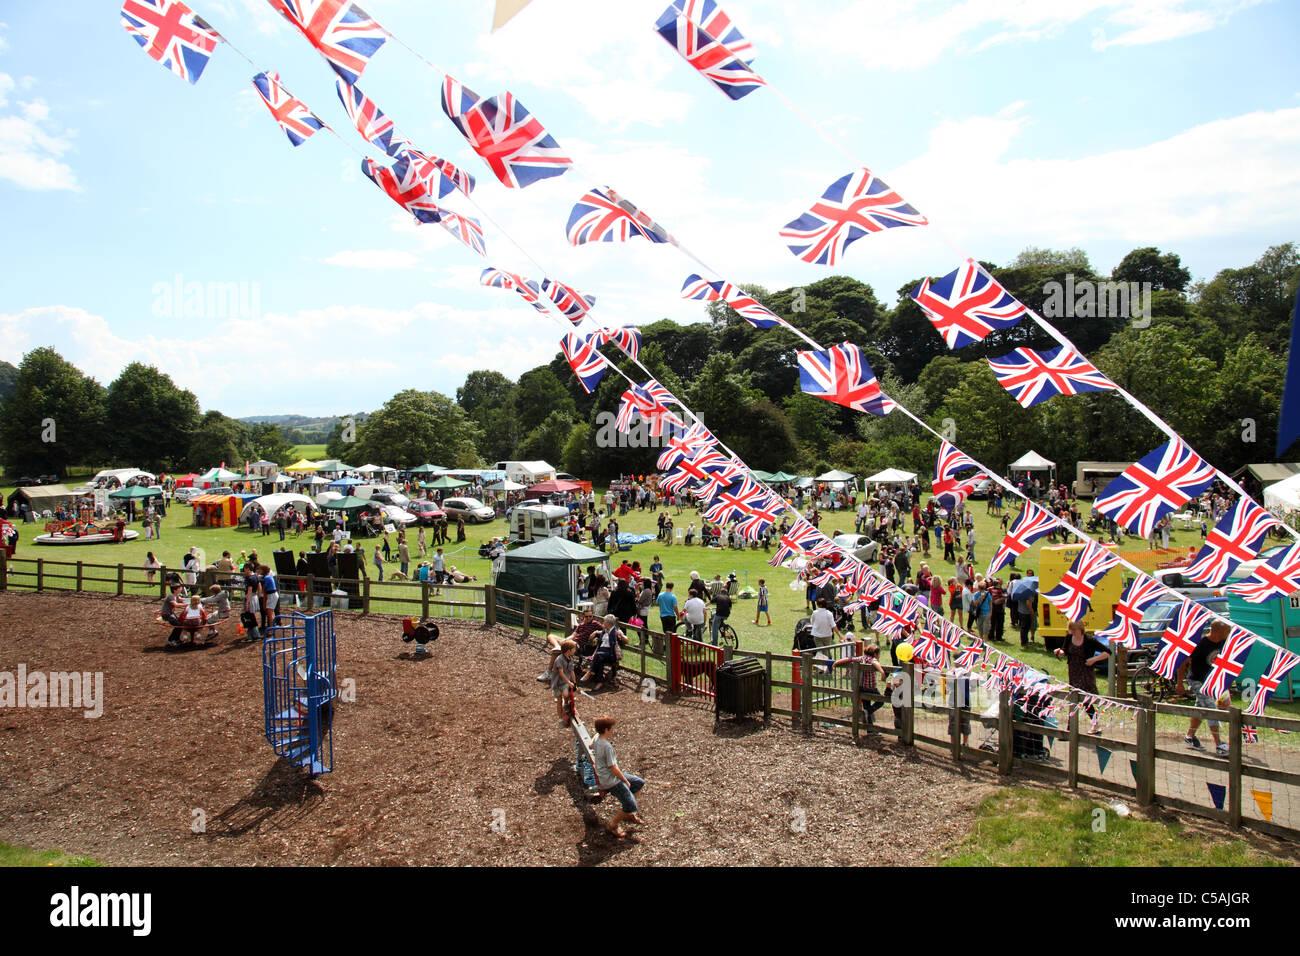 Une fête du village dans le Derbyshire, Angleterre, Royaume-Uni Photo Stock